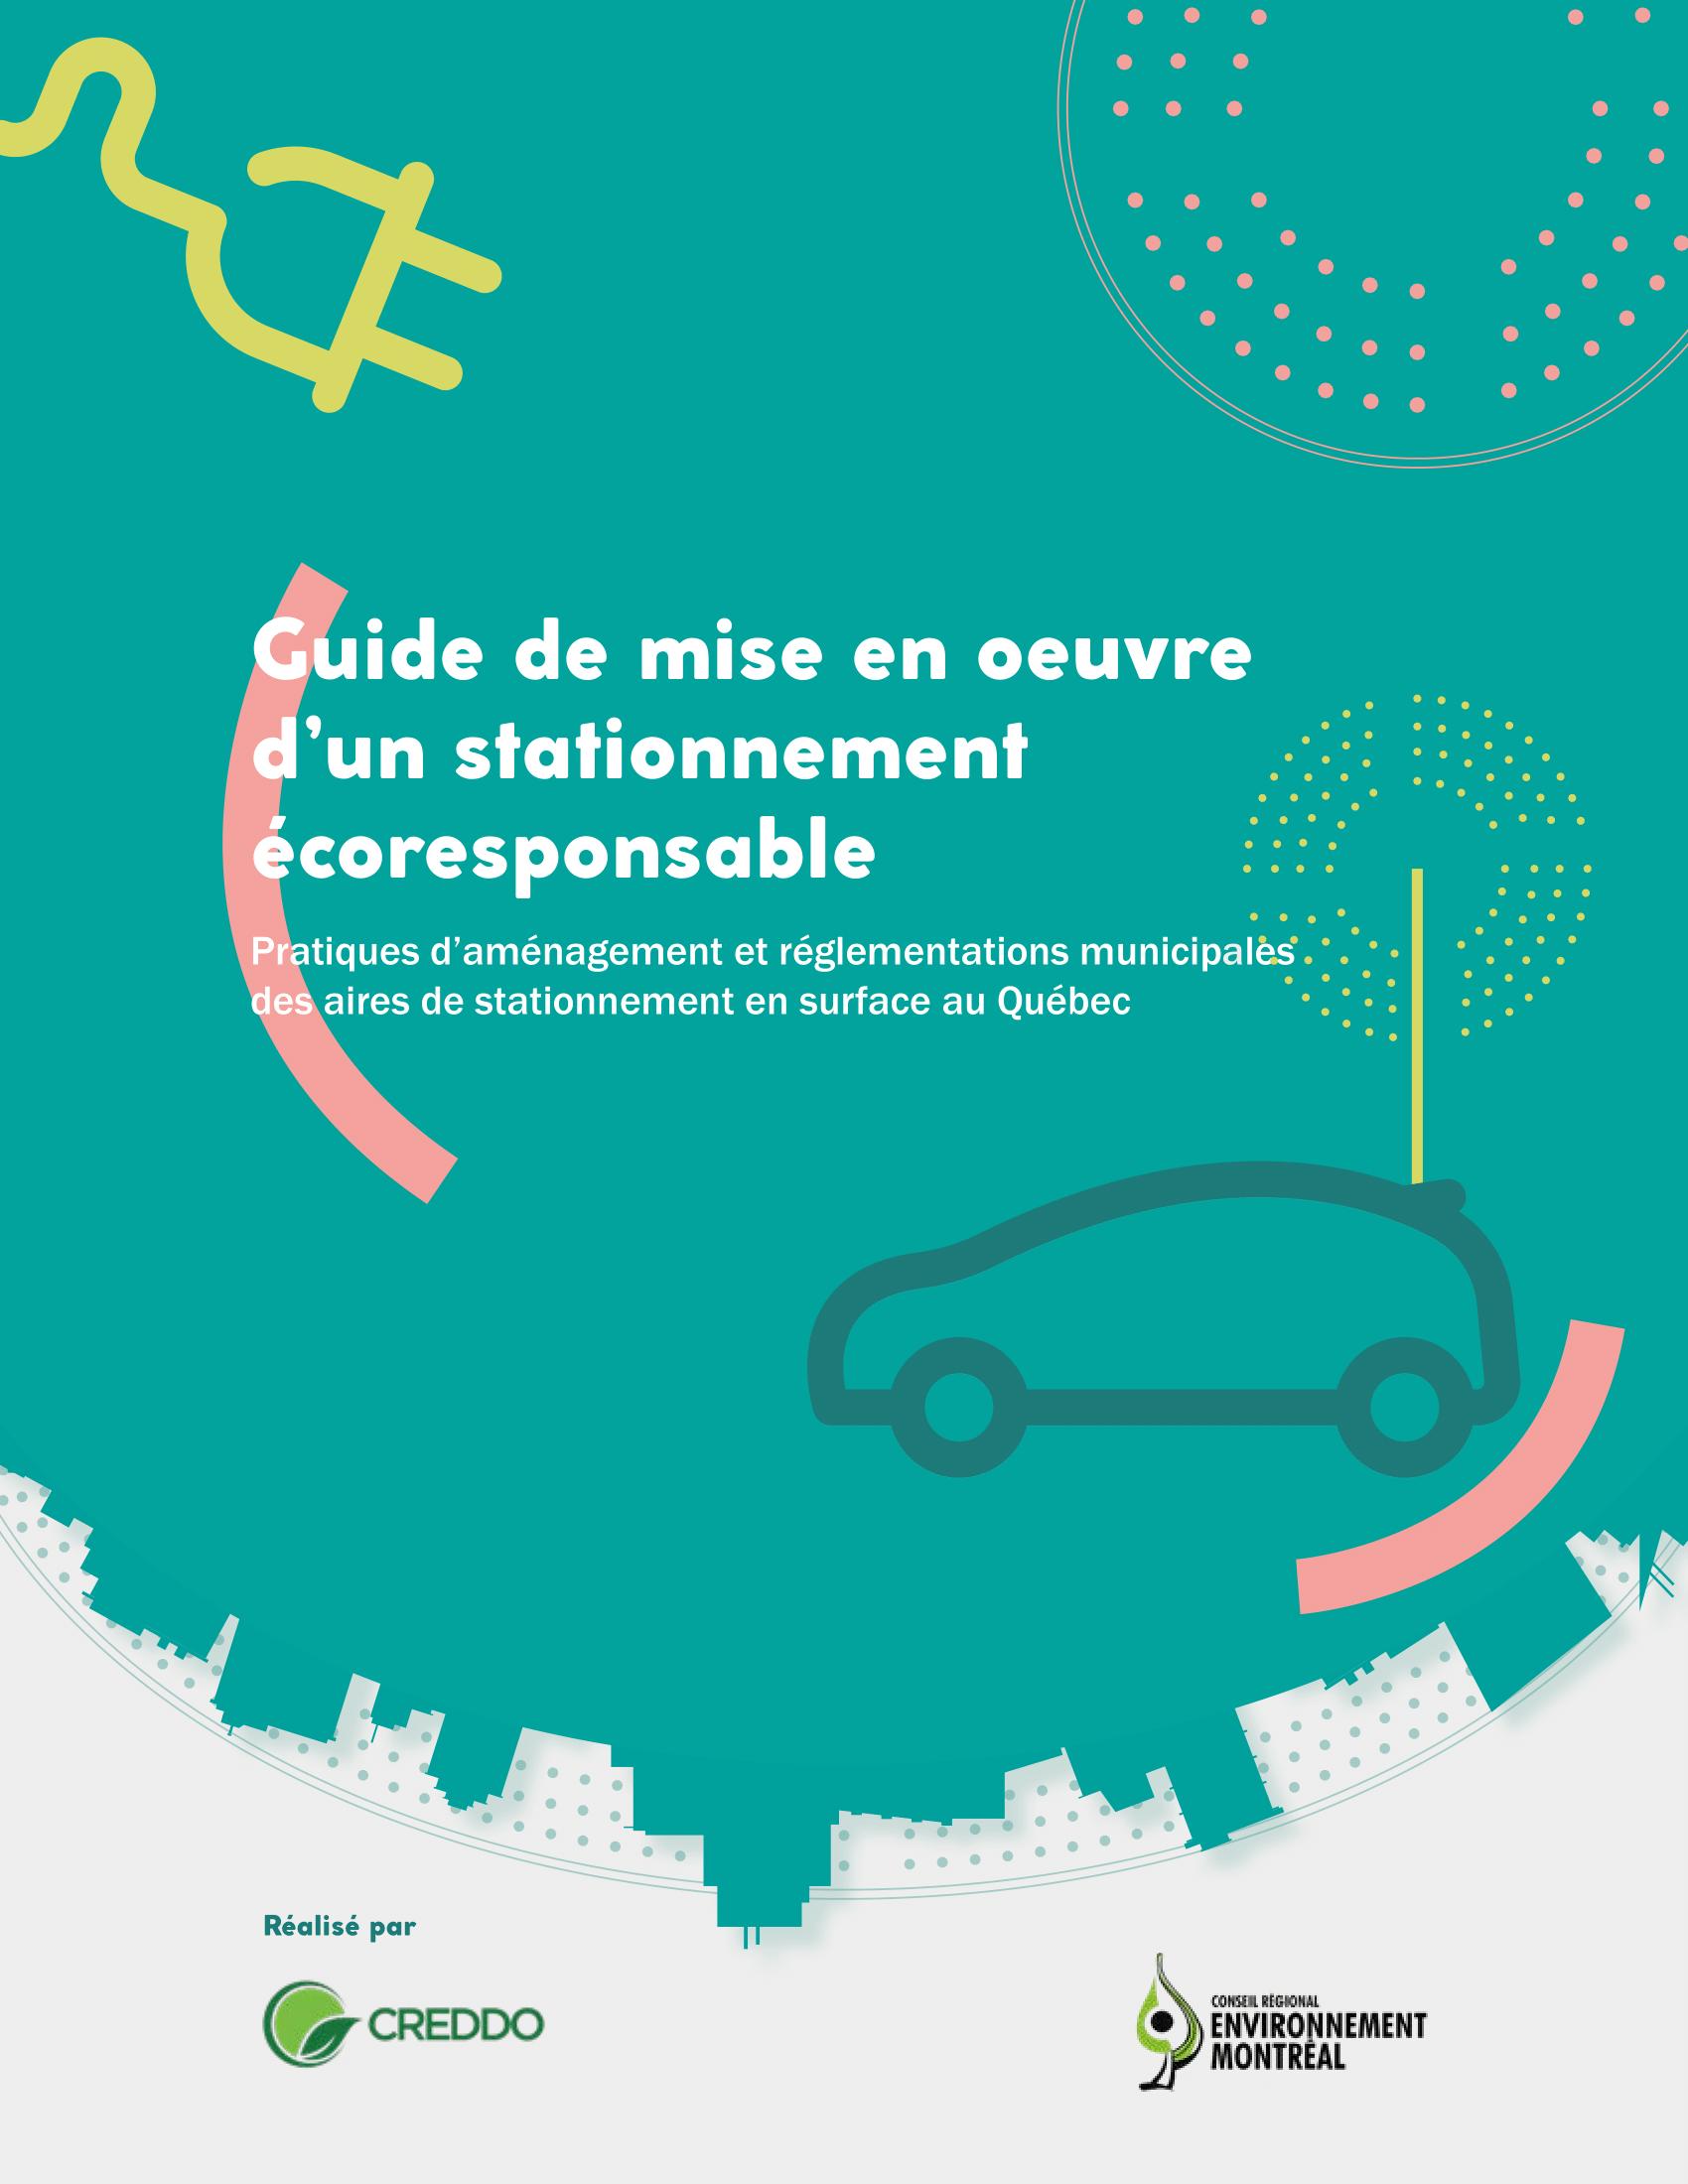 GuideStationnementÉcoresponsable_cover-1.png